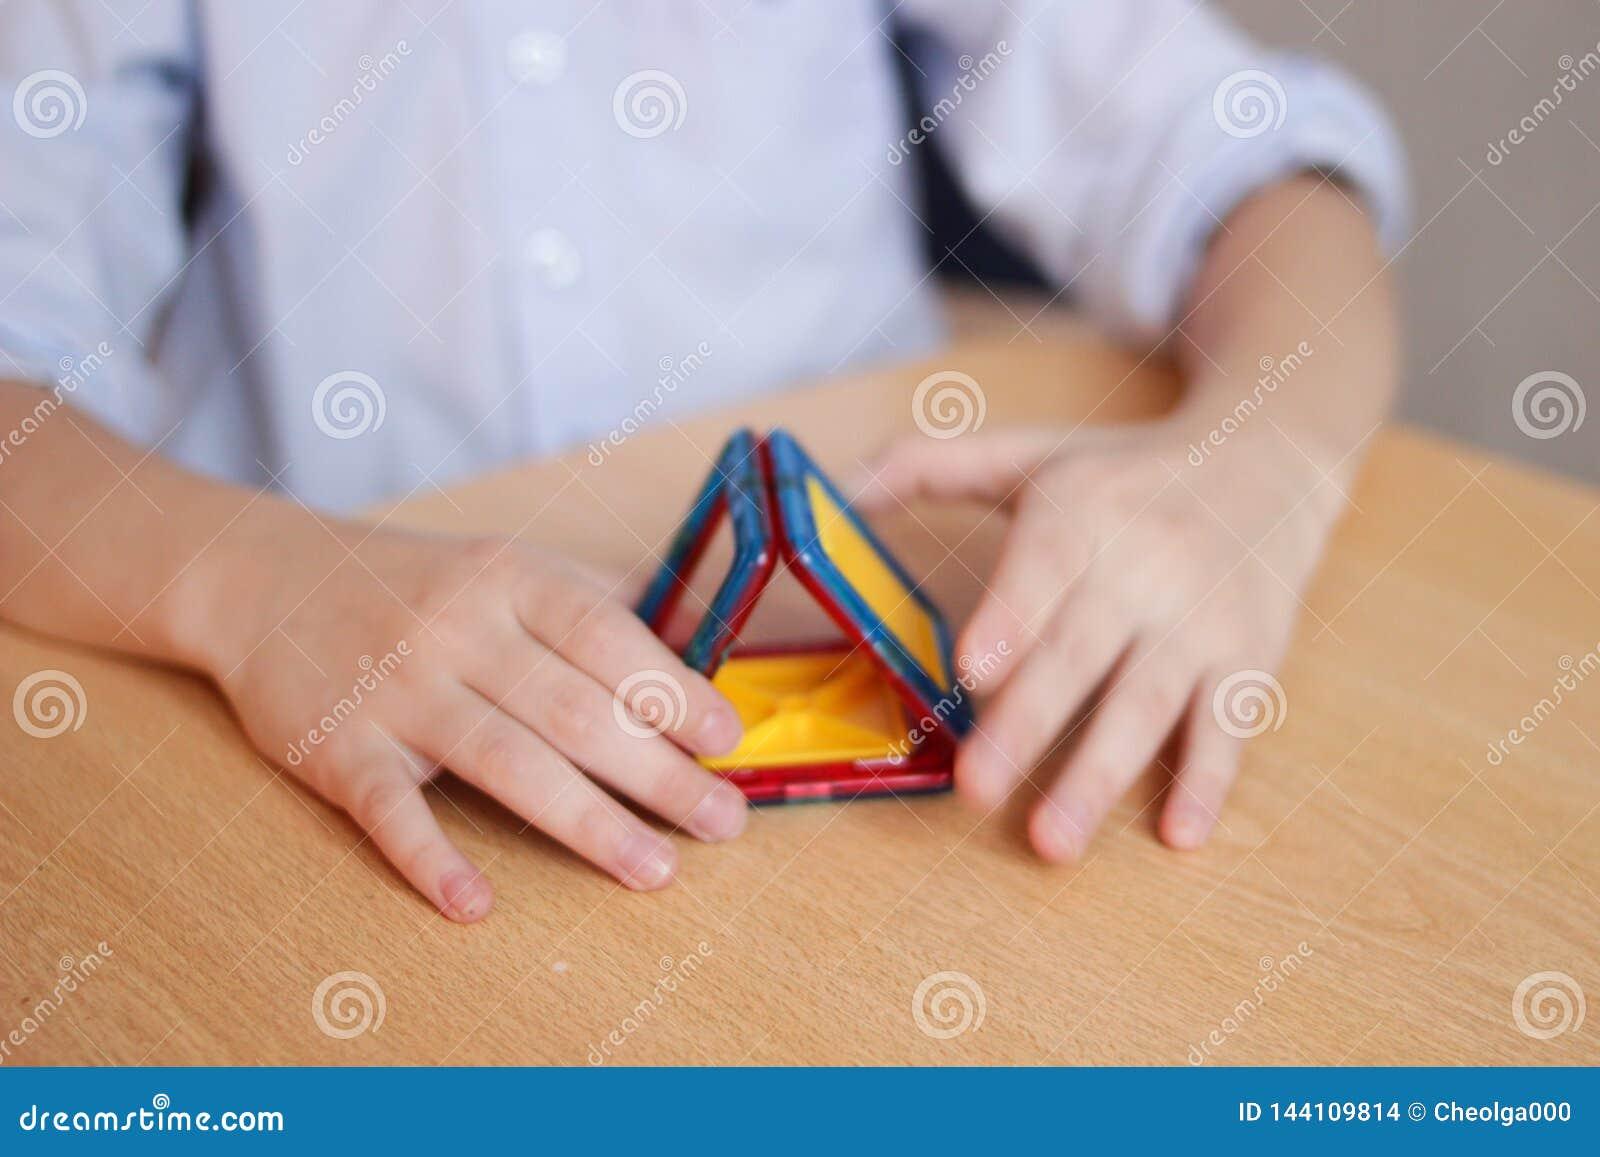 Dzieci bawią się w koloru projektancie na stole, budowy dom pojęcie rodzina pojęcie budować nowe budownictwo mieszkaniowe